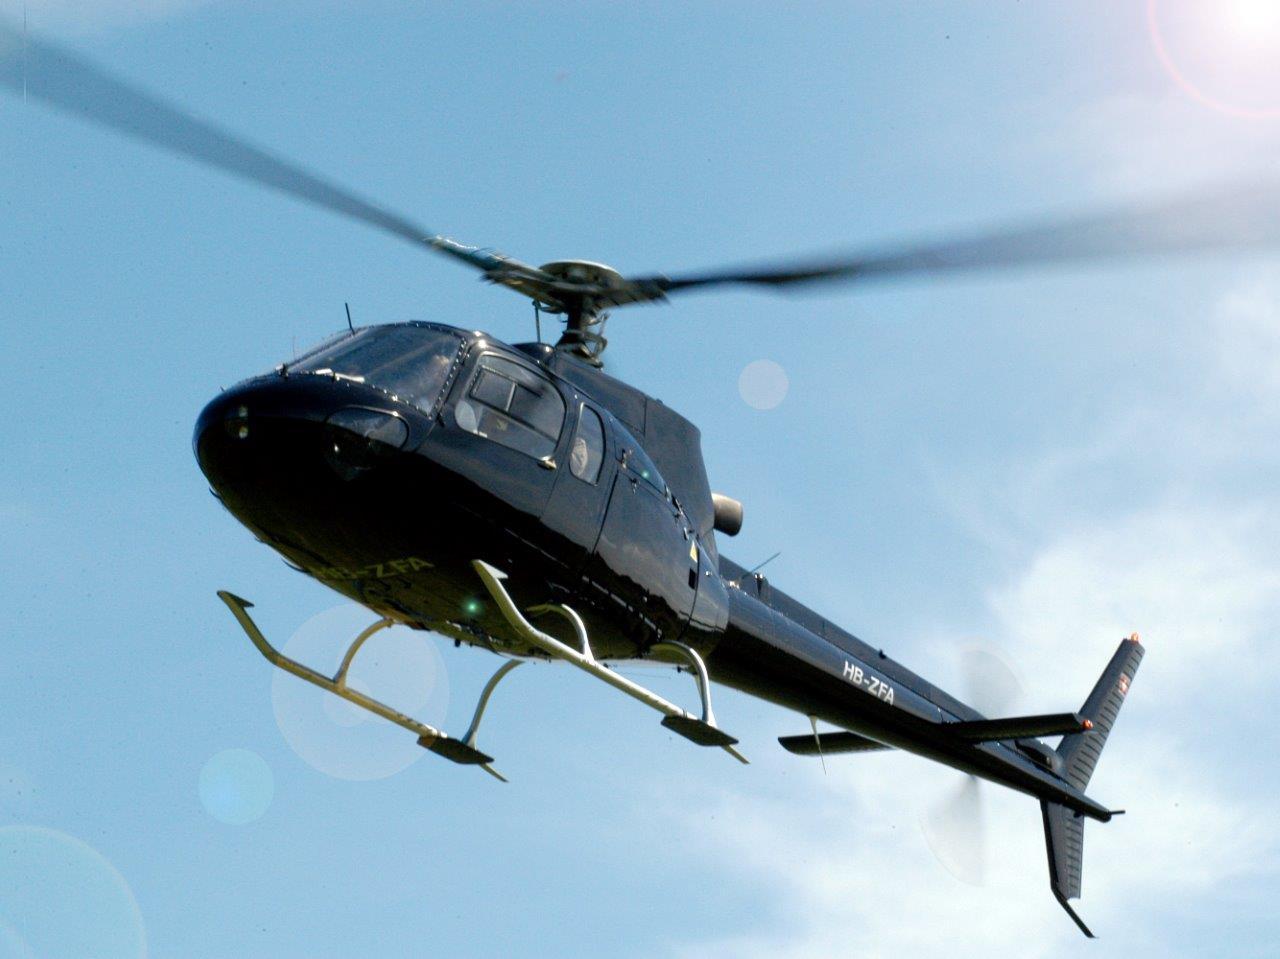 Hubschrauber Ecureuil